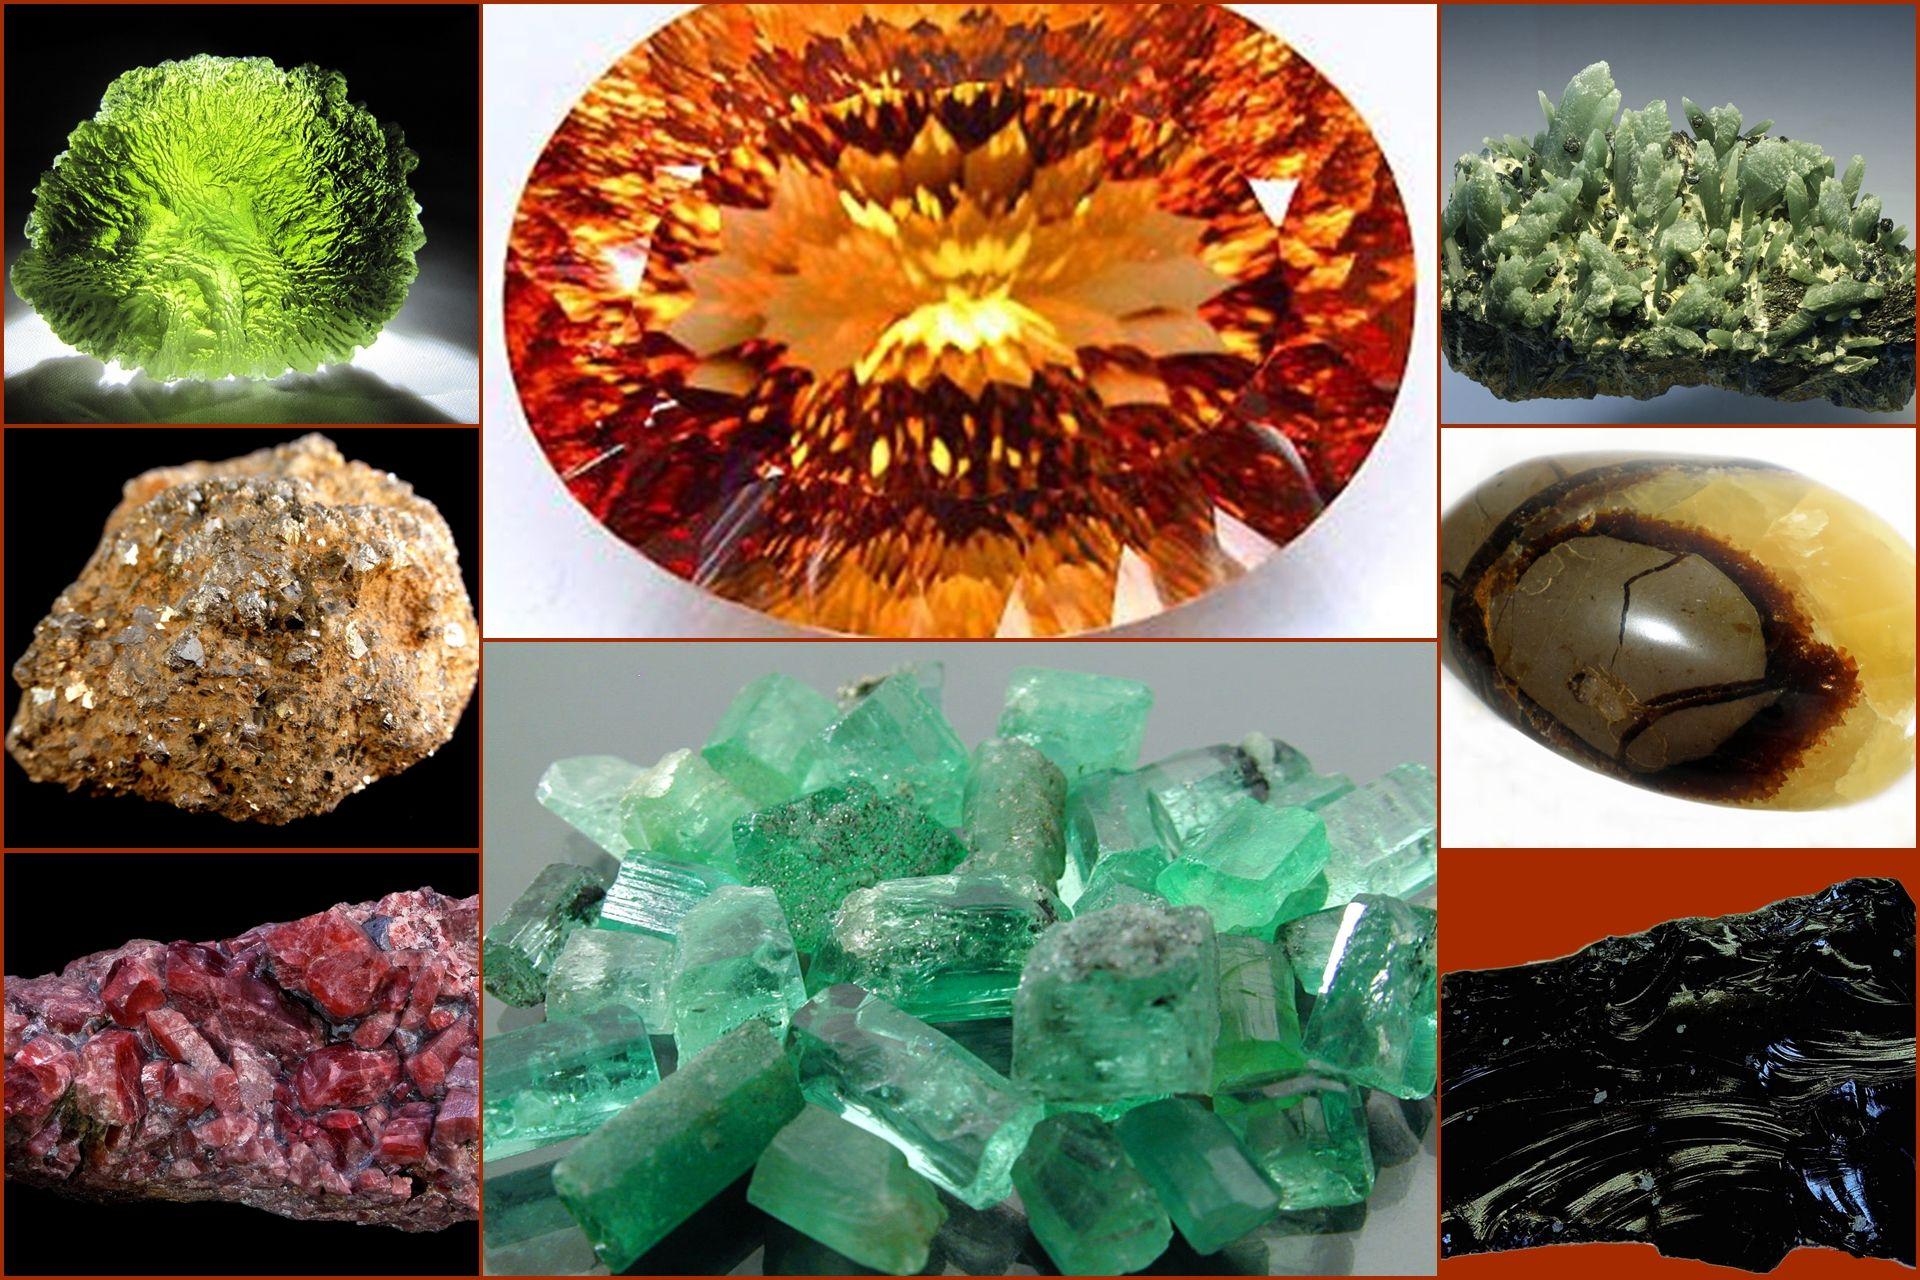 Şifalı taşlar ve faydaları